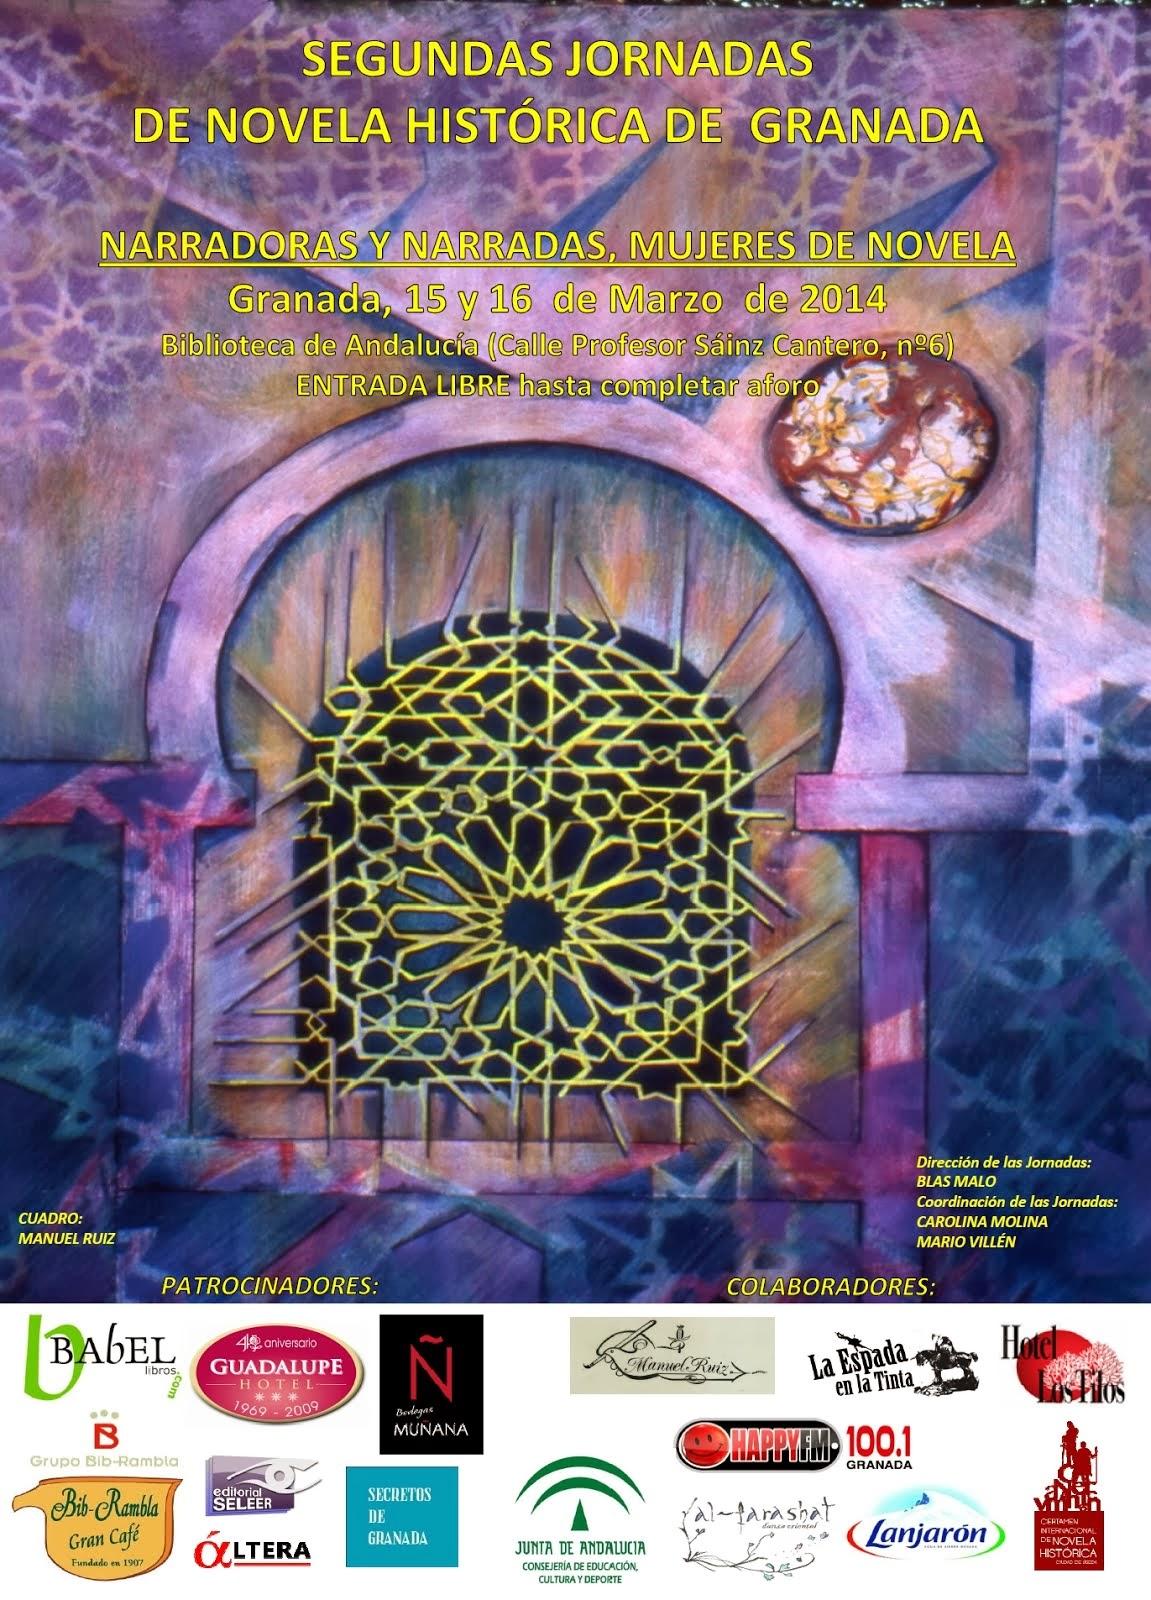 Jornadas de Novela Histórica de Granada